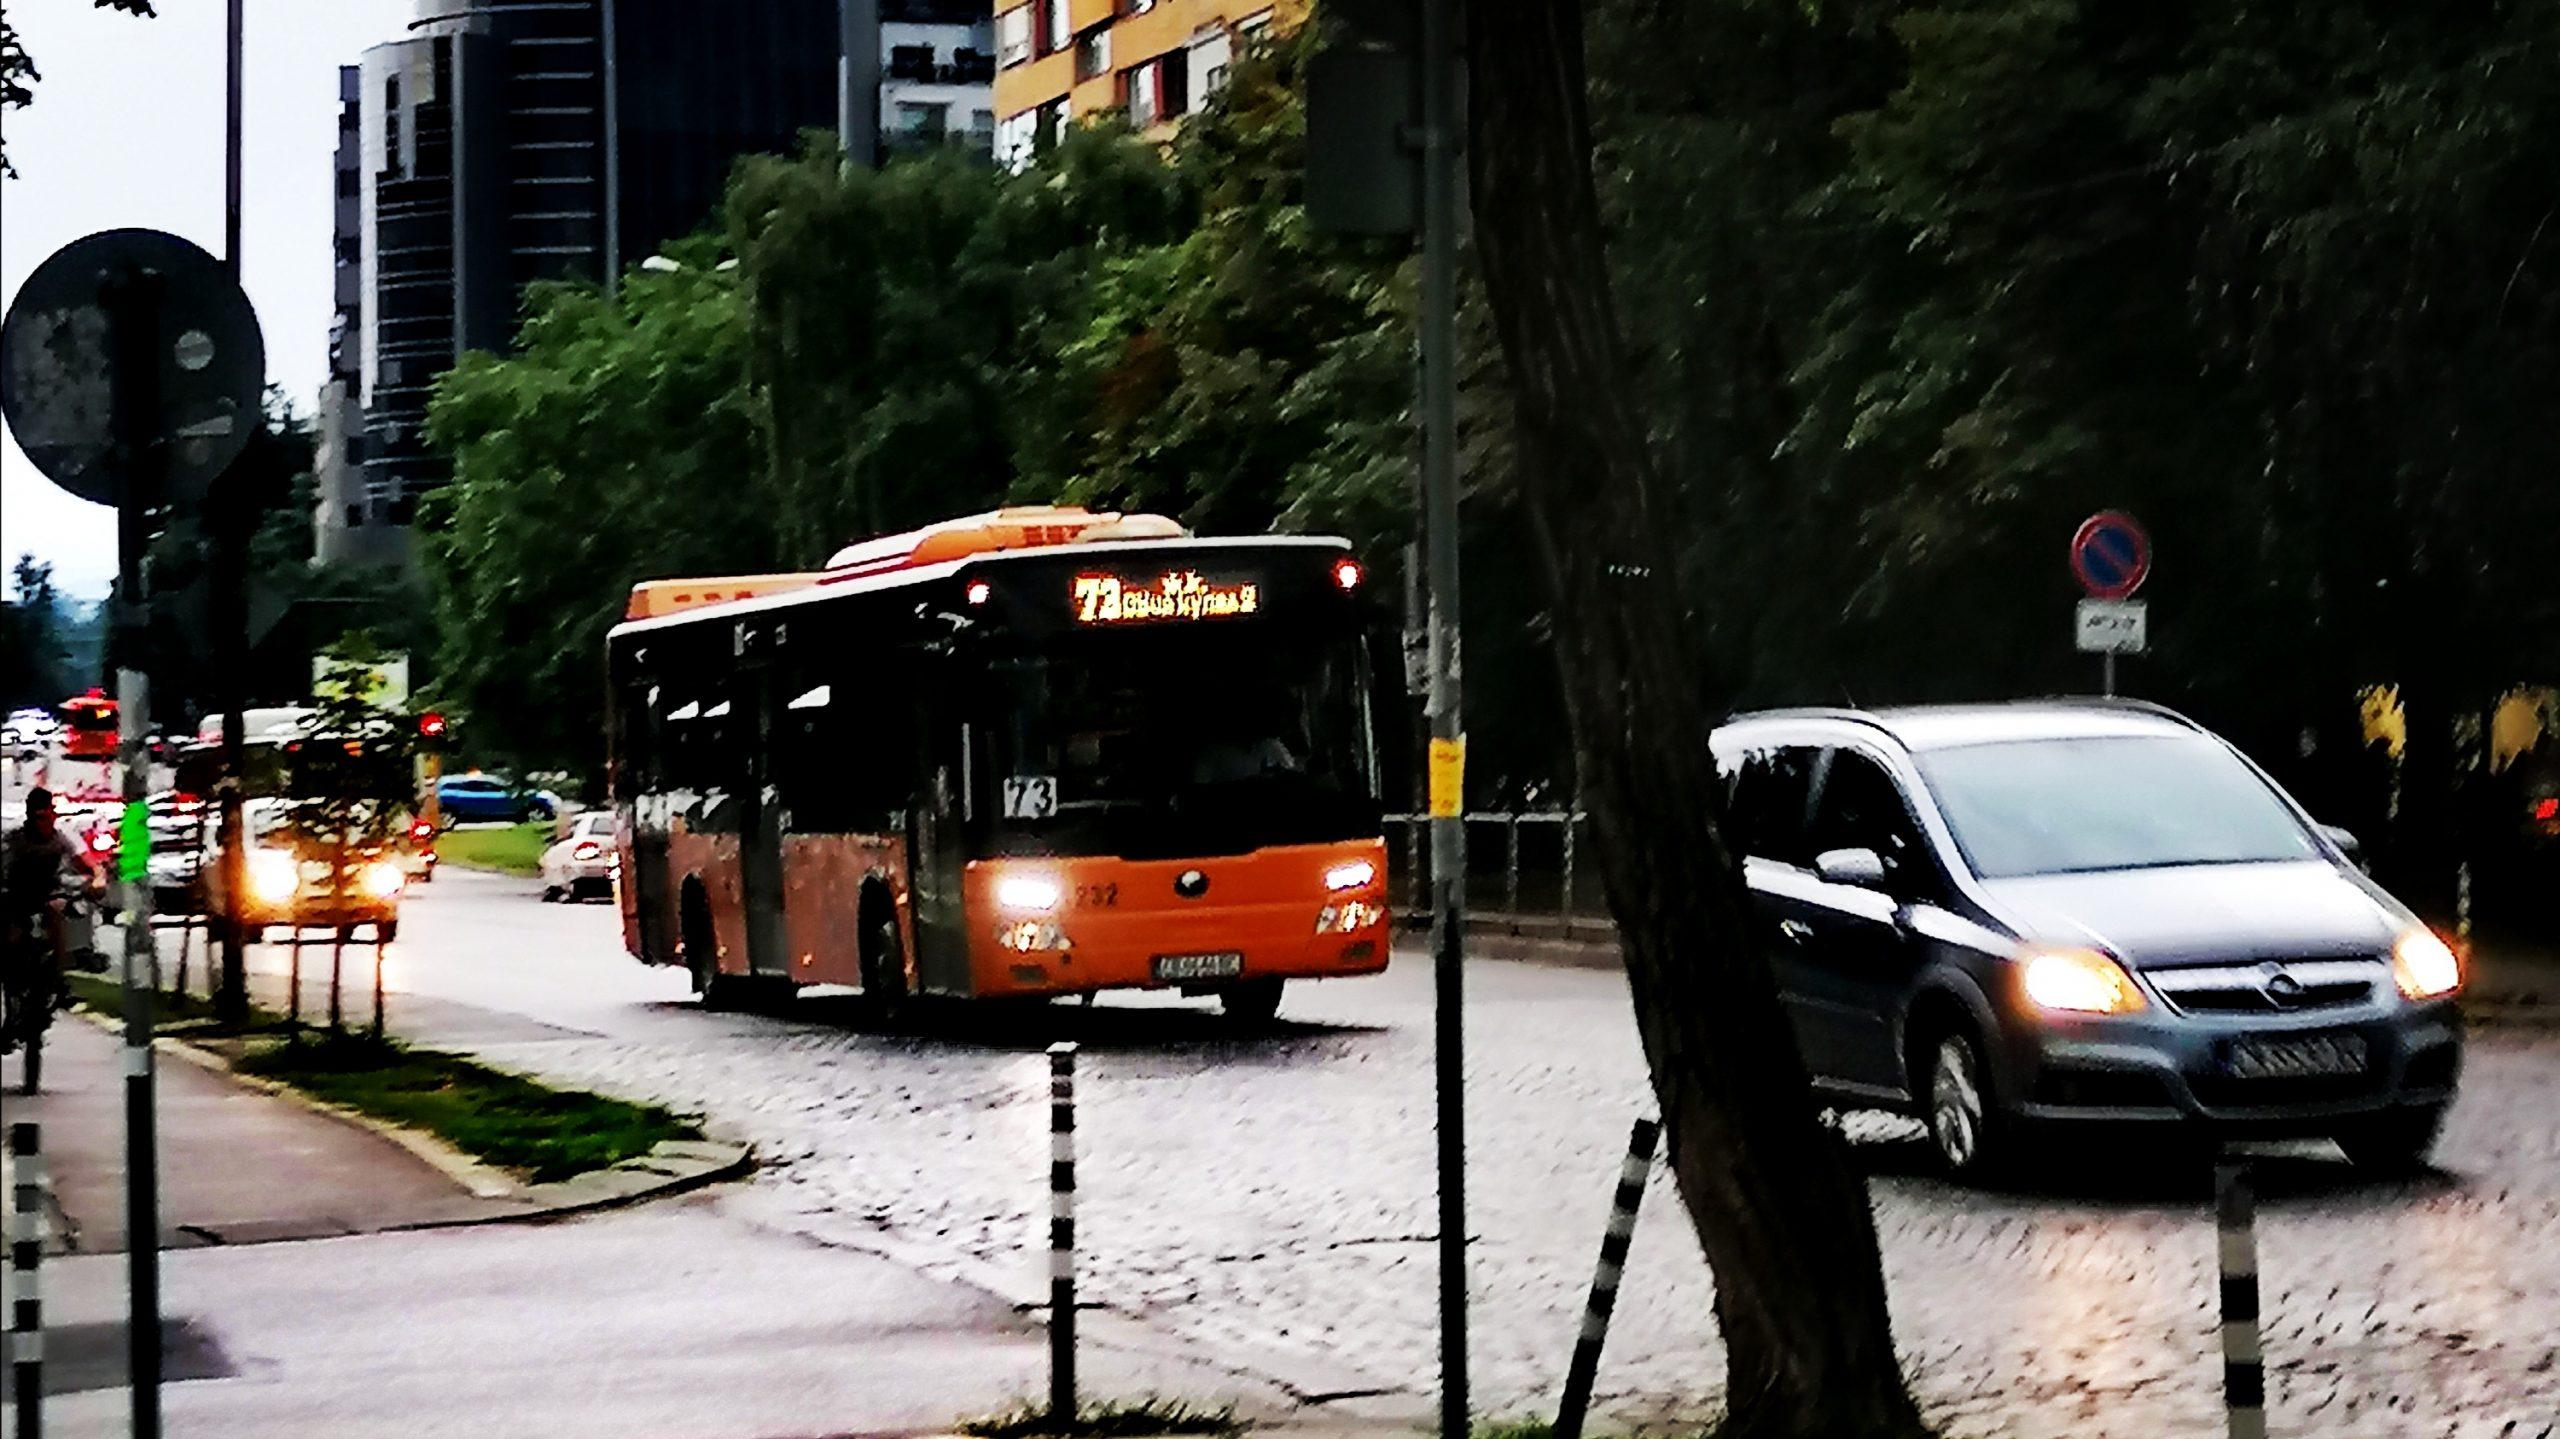 София: Удължава се промененото движение на линии 73 и 76